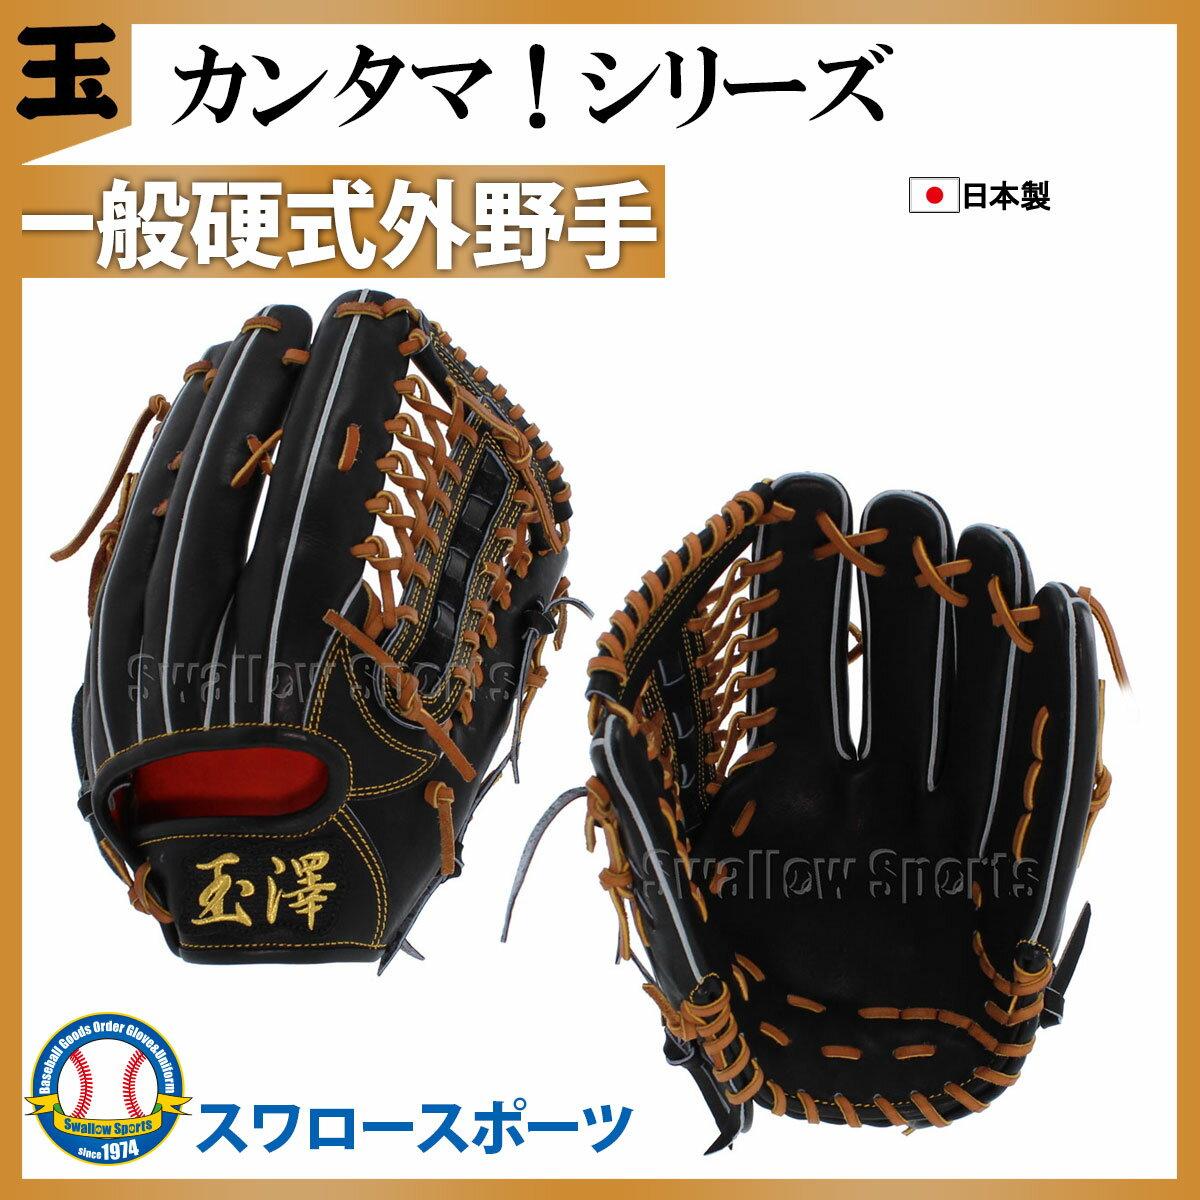 玉澤 タマザワ 硬式グローブ グラブ(専用袋付) カンタマ 外野用 外野手用 KANTAMA8-2 硬式用 野球用品 スワロースポーツ